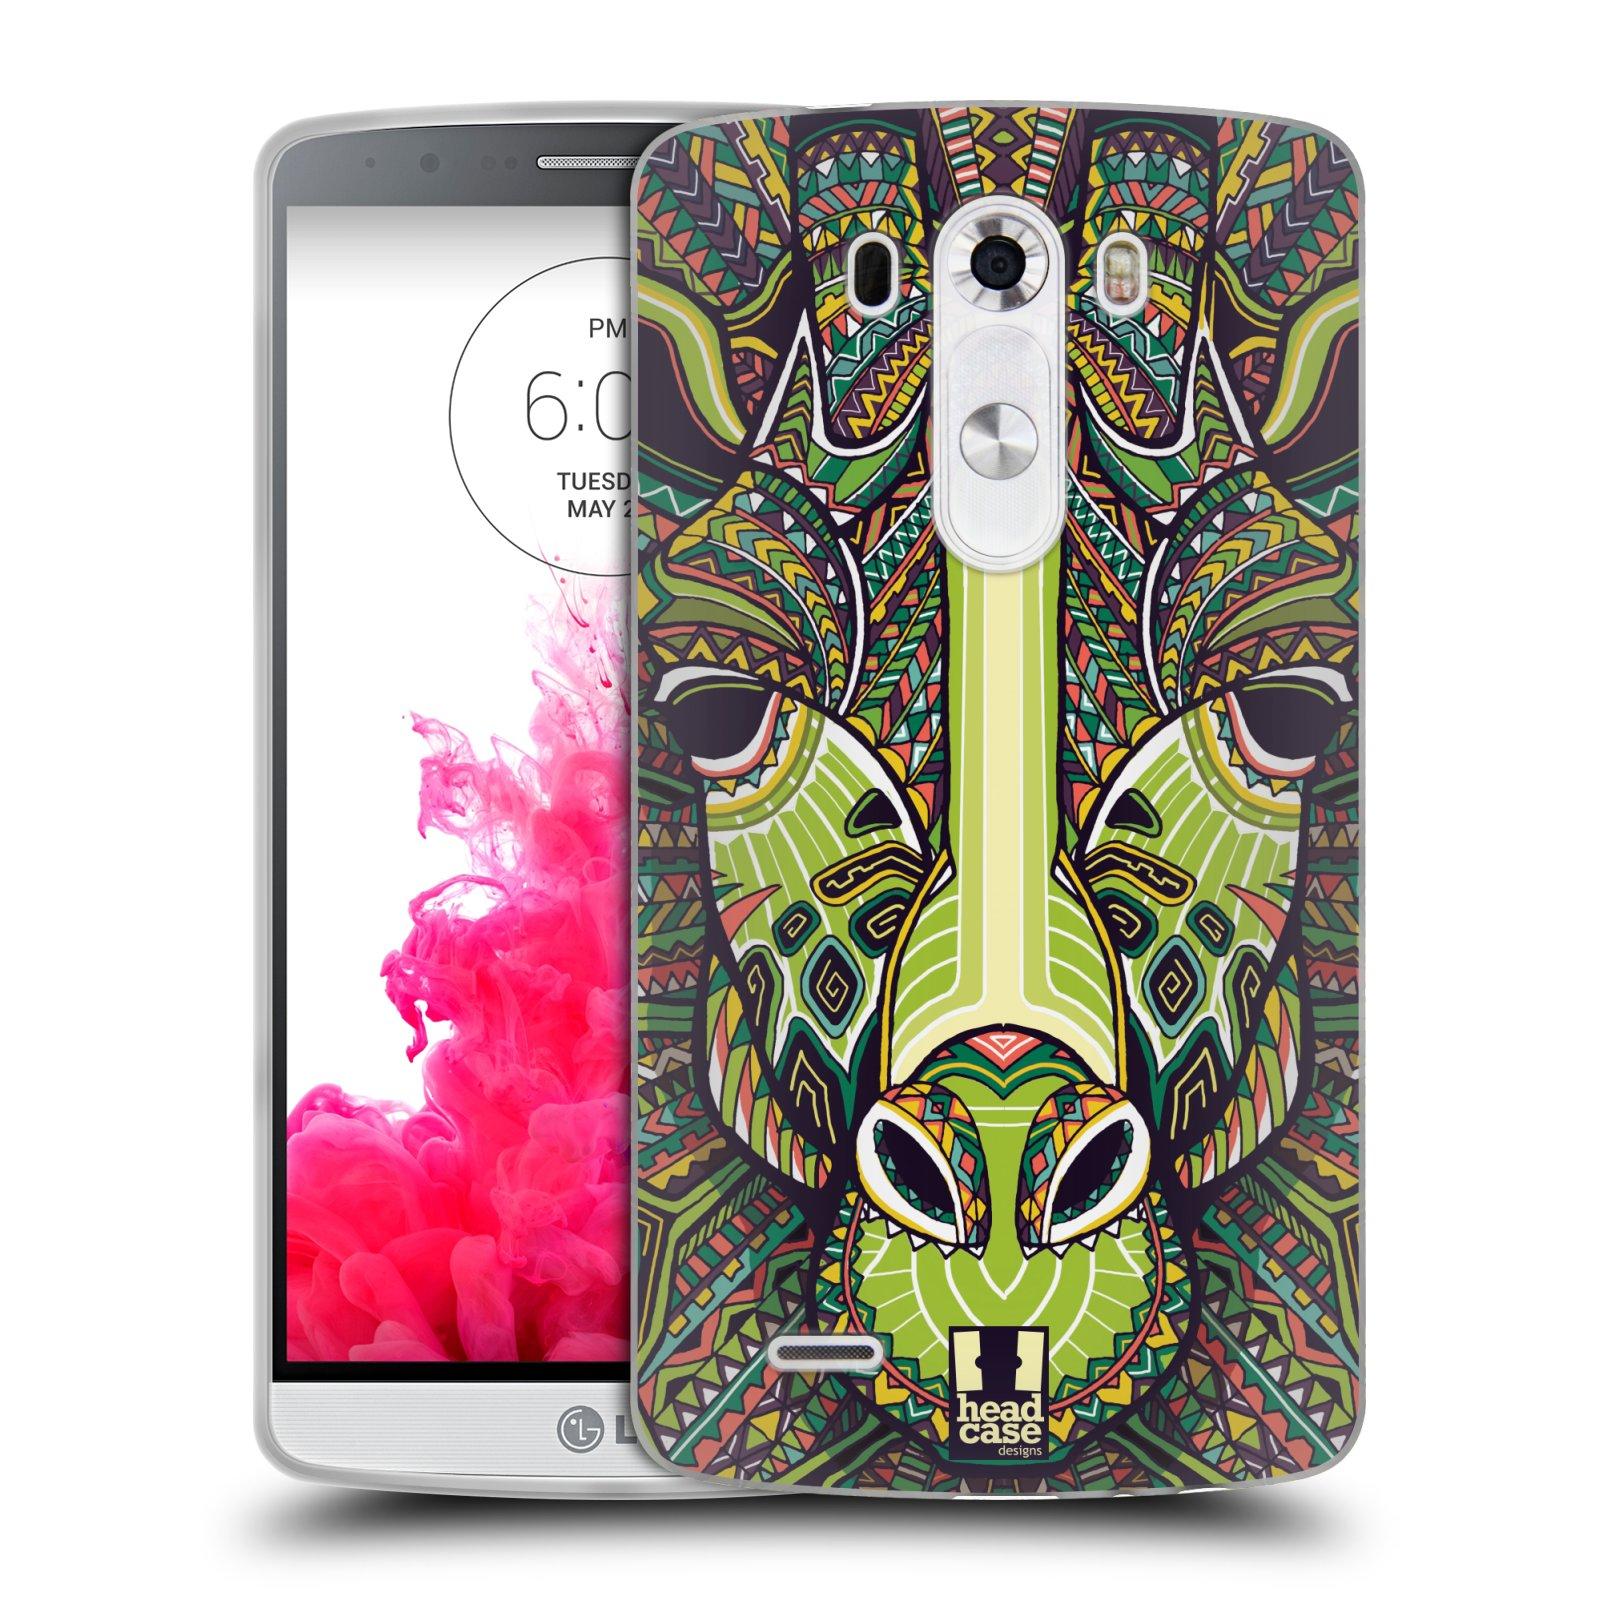 Silikonové pouzdro na mobil LG G3 HEAD CASE AZTEC ŽIRAFA (Silikonový kryt či obal na mobilní telefon LG G3 D855)